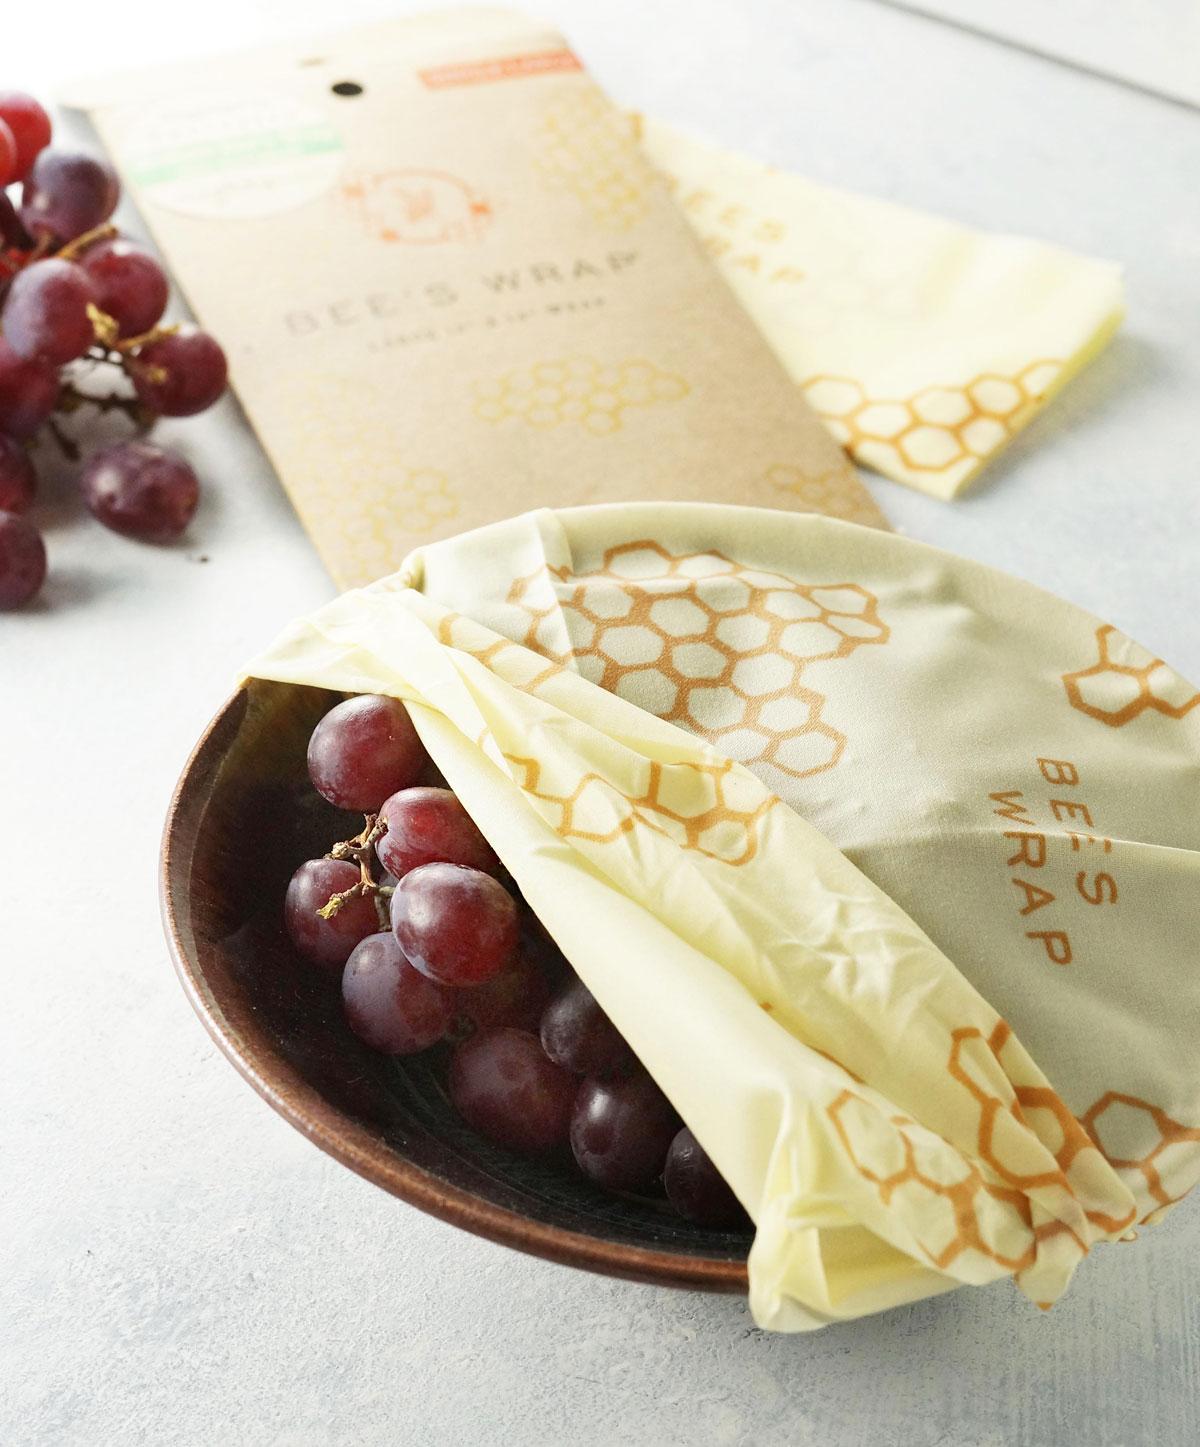 zéro déchet emballage alimentaire bee wrap cire abeille huile jojoba coton - blog déco - clem around the corner